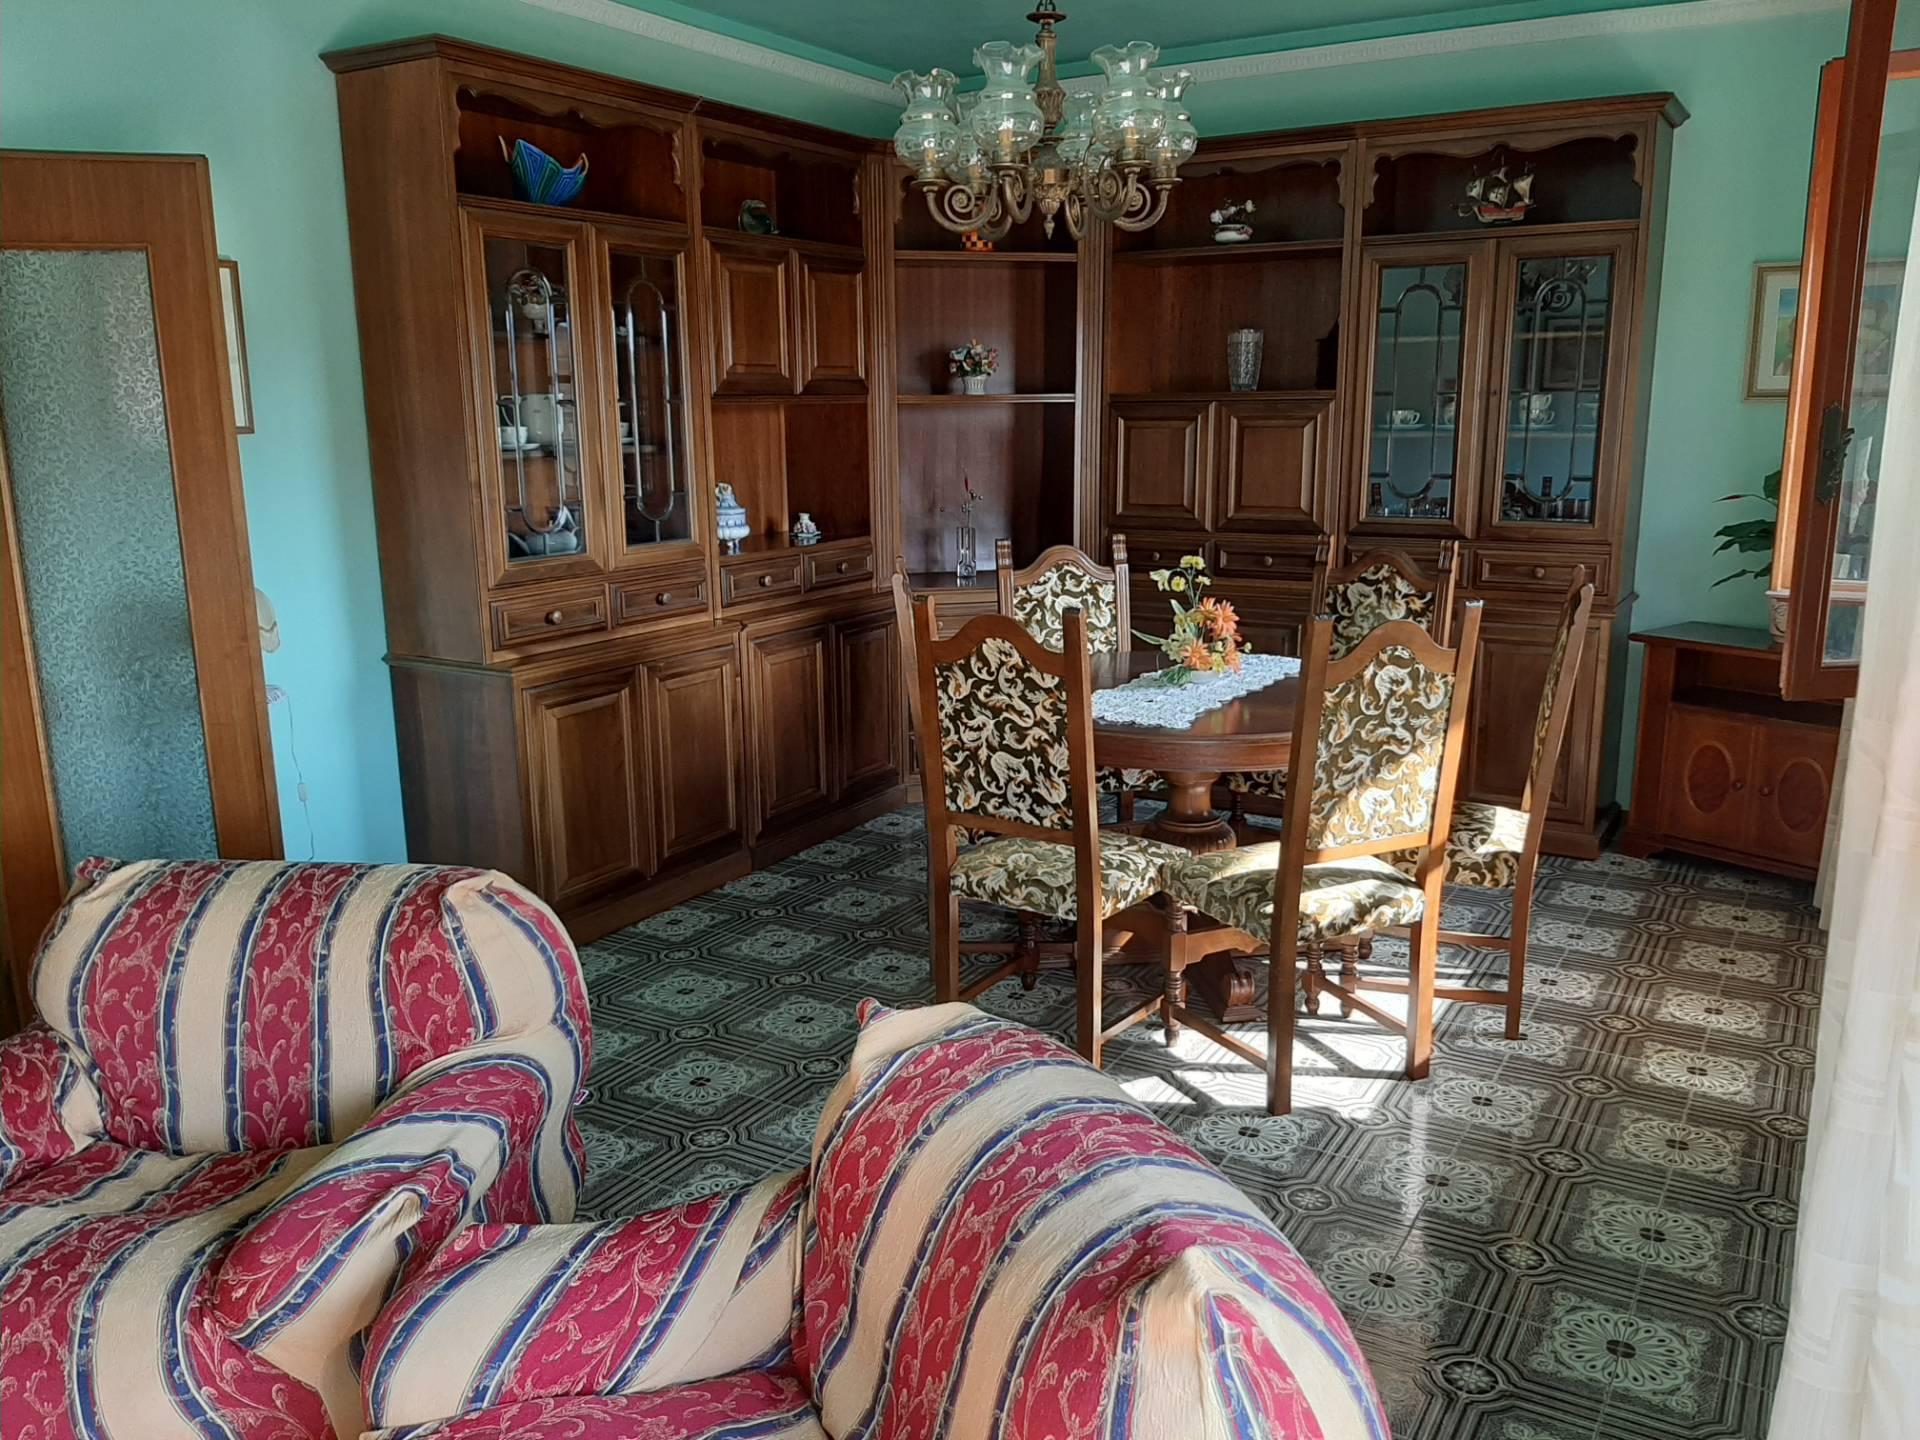 Appartamento in vendita a San Giuliano Terme, 5 locali, zona zano, prezzo € 299.000   PortaleAgenzieImmobiliari.it